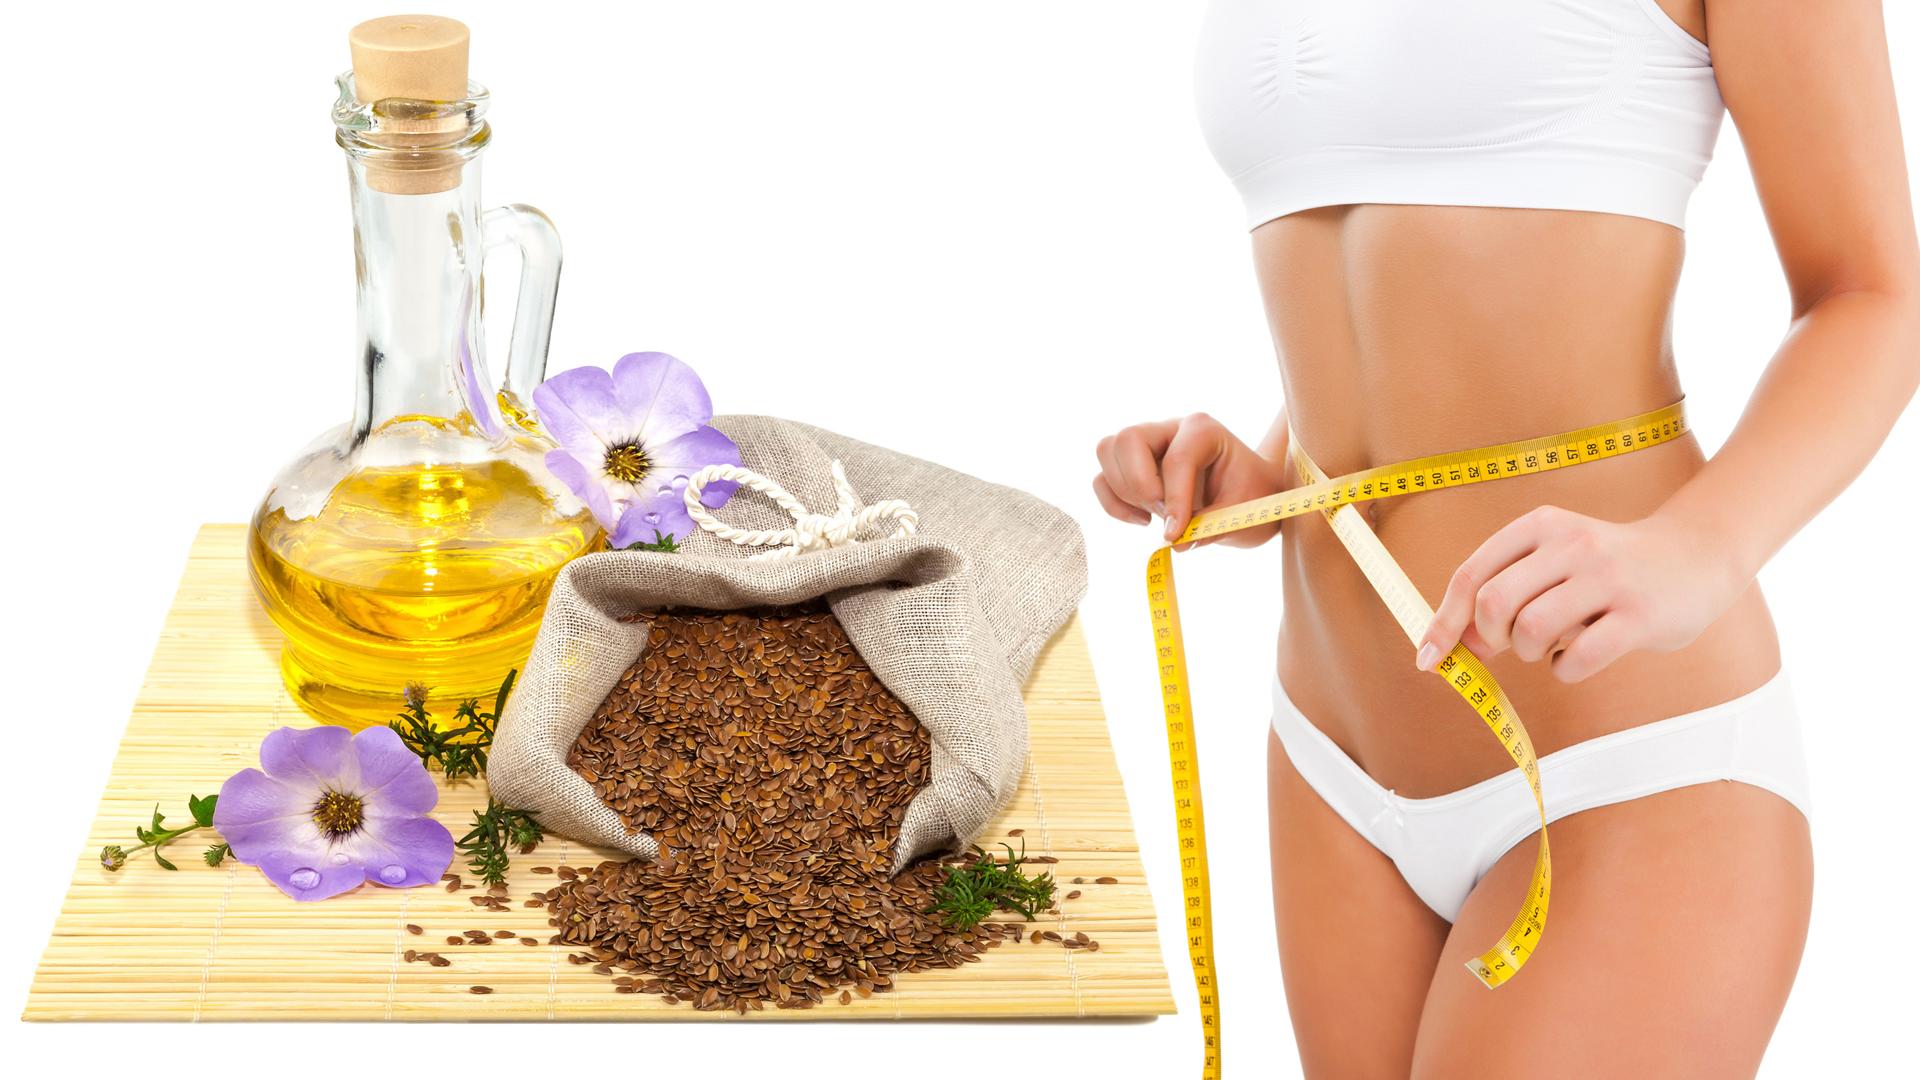 Как Похудеть Мед И Масло. Мед для похудения: можно ли есть для снижения веса?